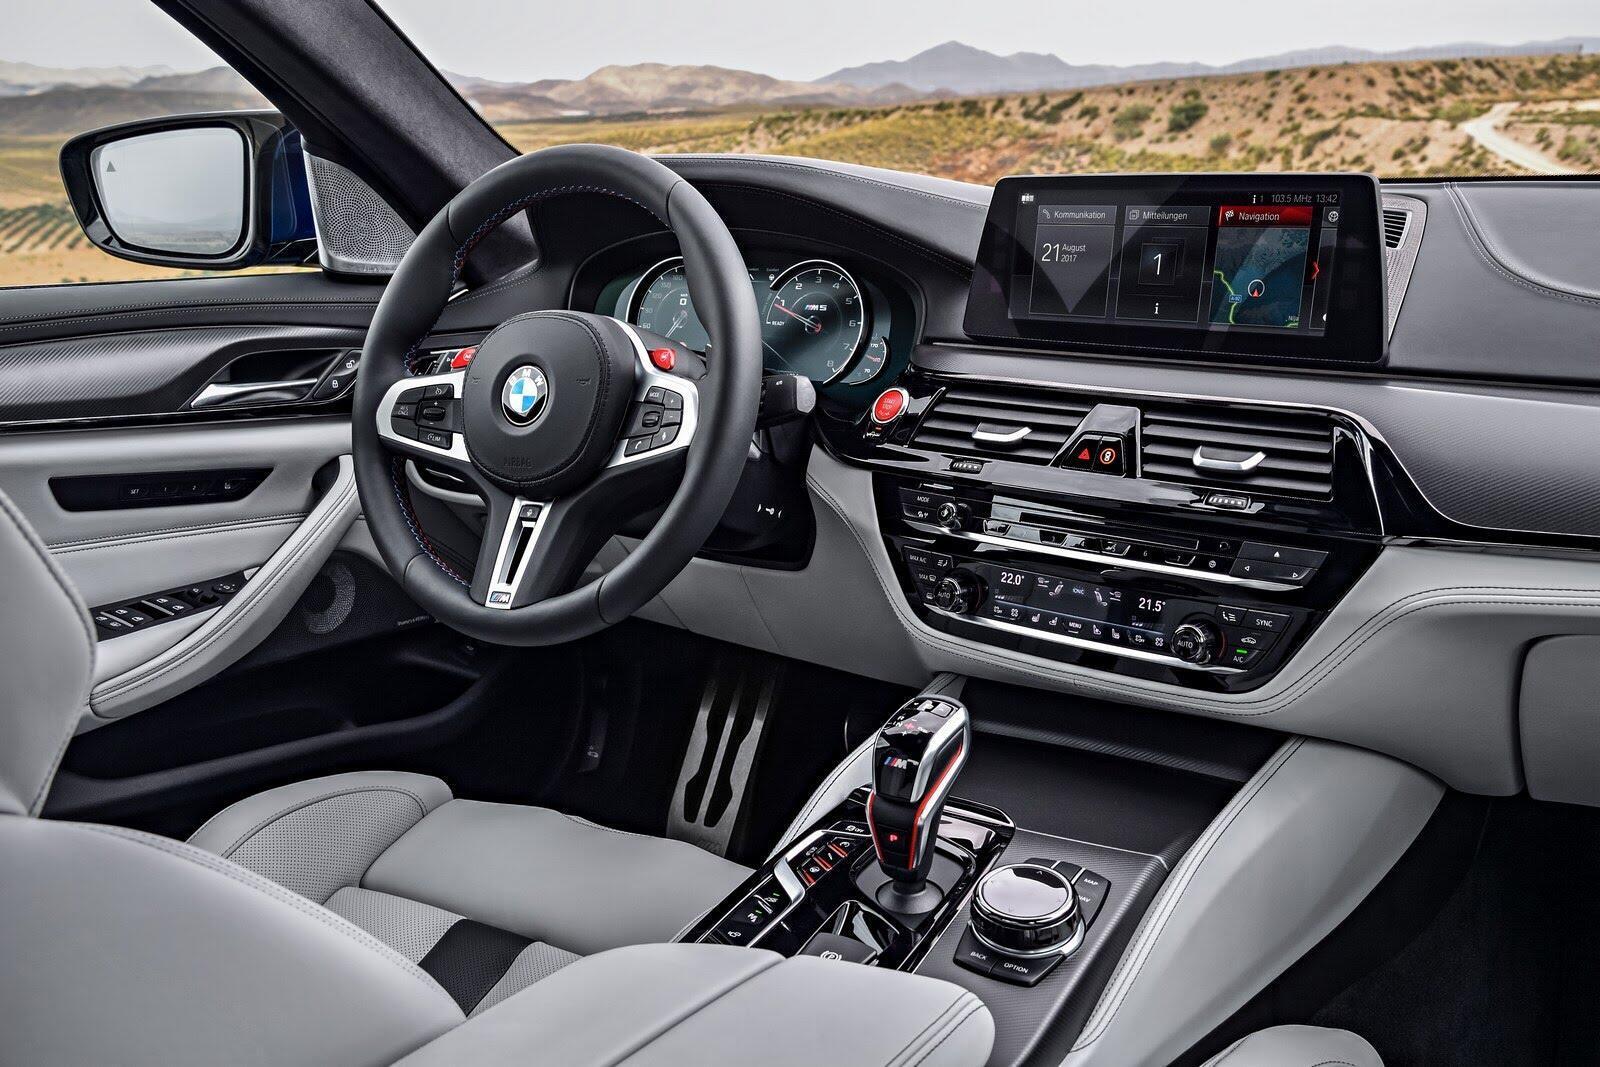 BMW M5 2018 chính thức trình làng với 600 mã lực - Hình 10